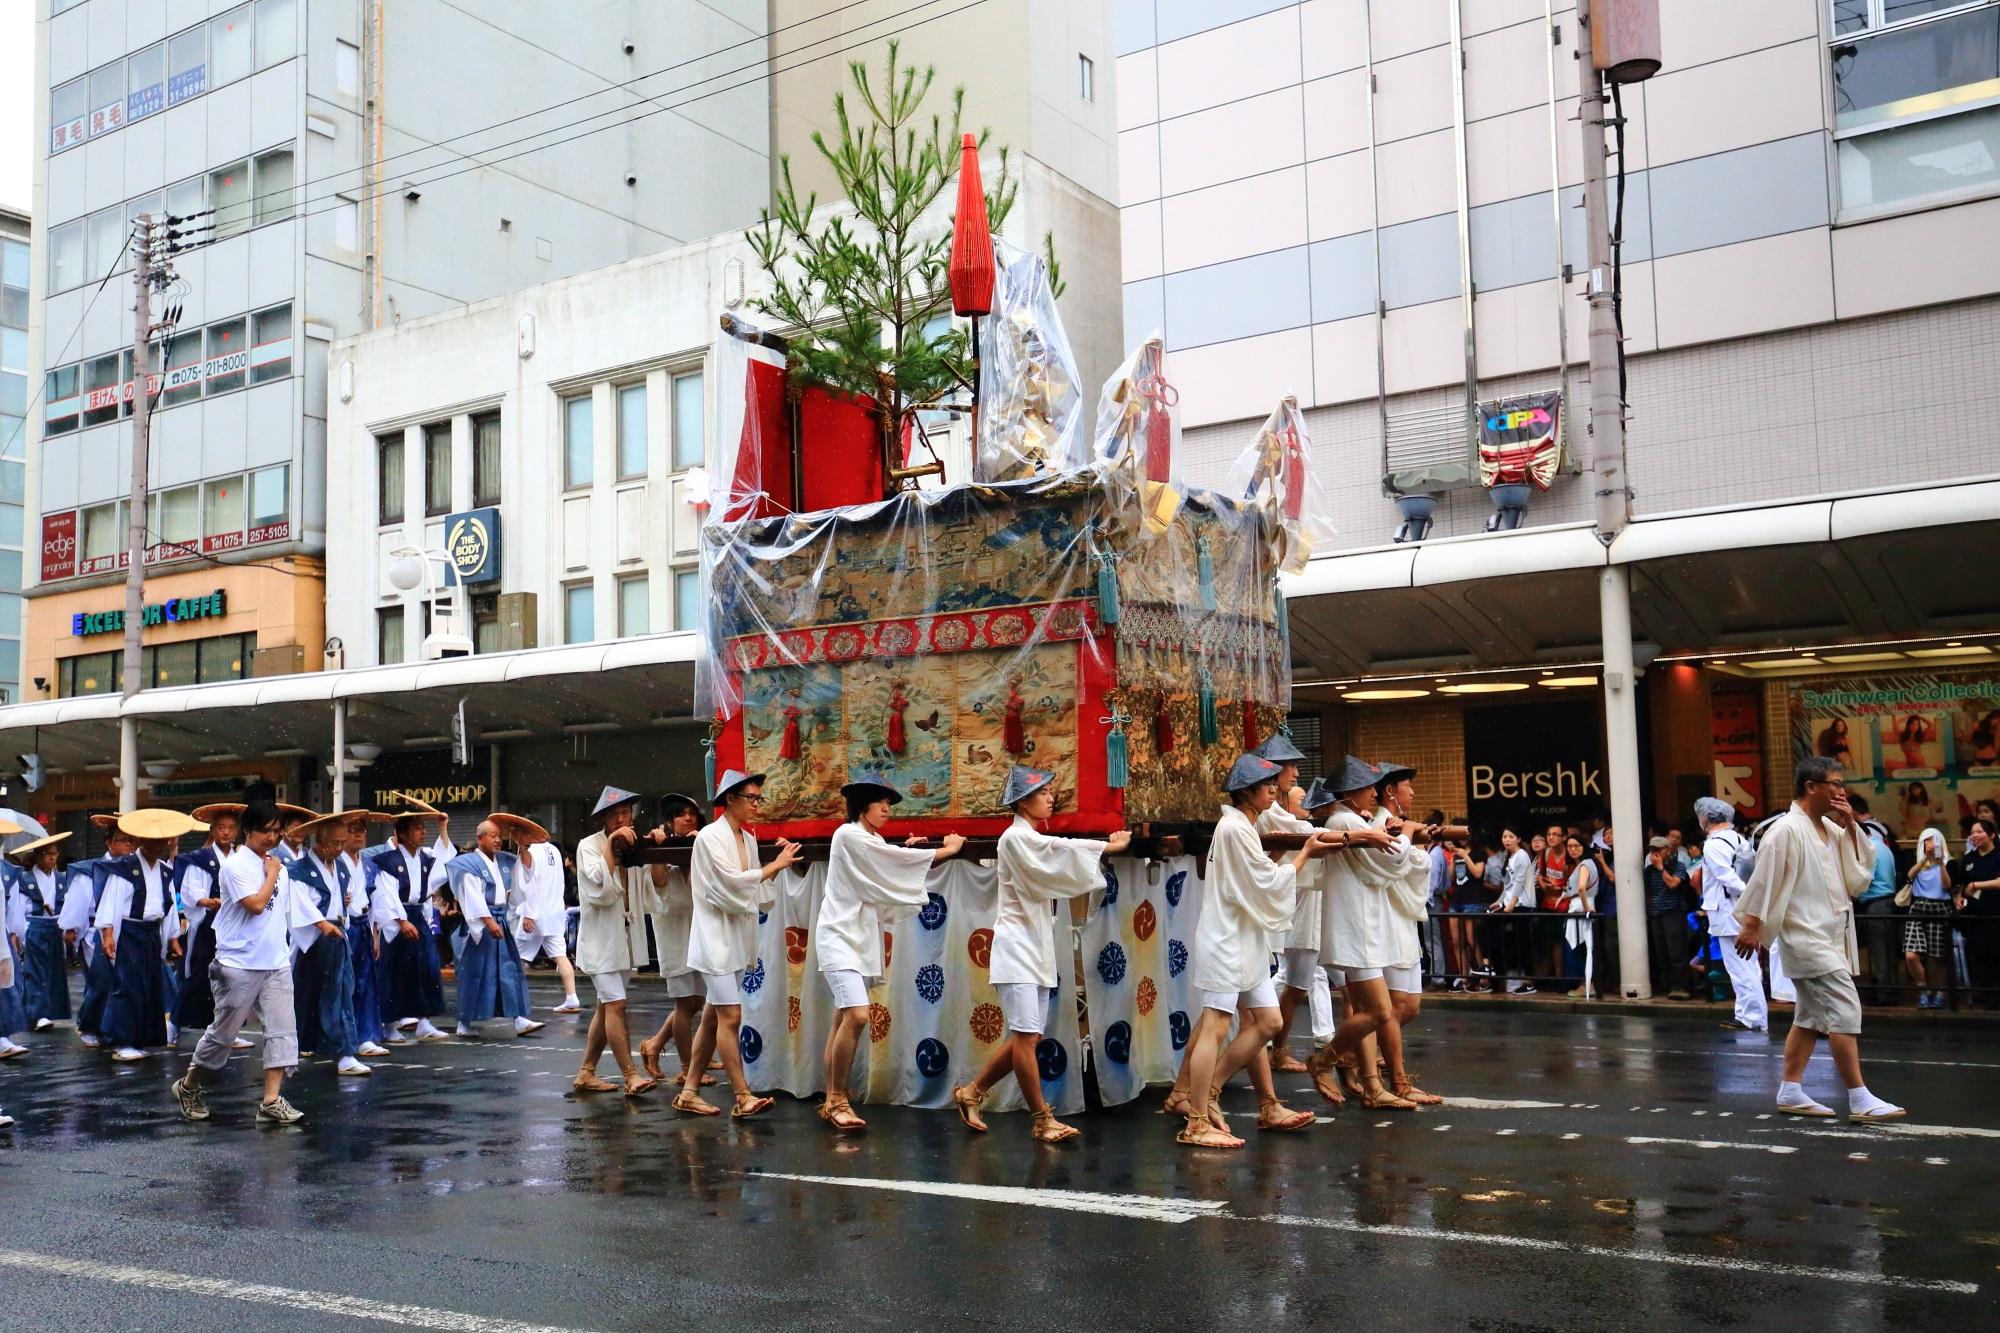 祇園祭山鉾巡行の山伏山(やまぶしやま)